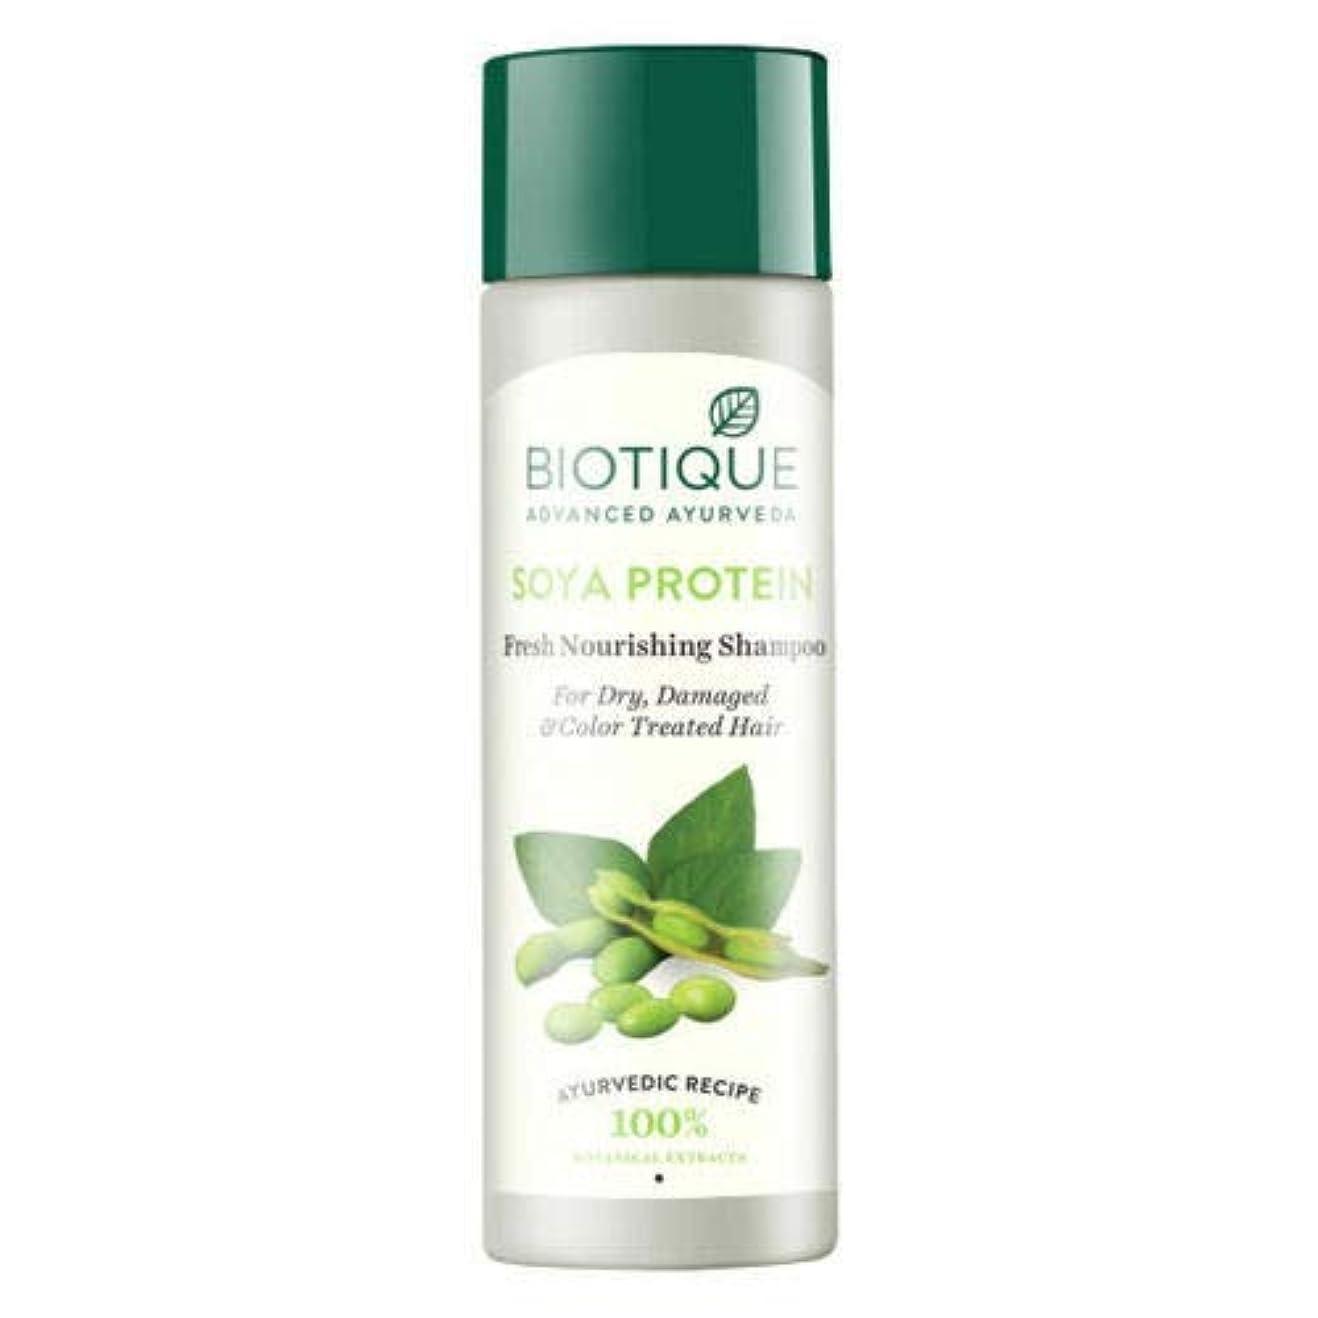 四分円ドレスヒョウBiotique Bio Soya Protein Fresh Nourishing Shampoo (190 ml) For Dry Hairs 乾いた毛のためのBiotiqueバイオ大豆タンパク質新鮮な栄養シャンプー